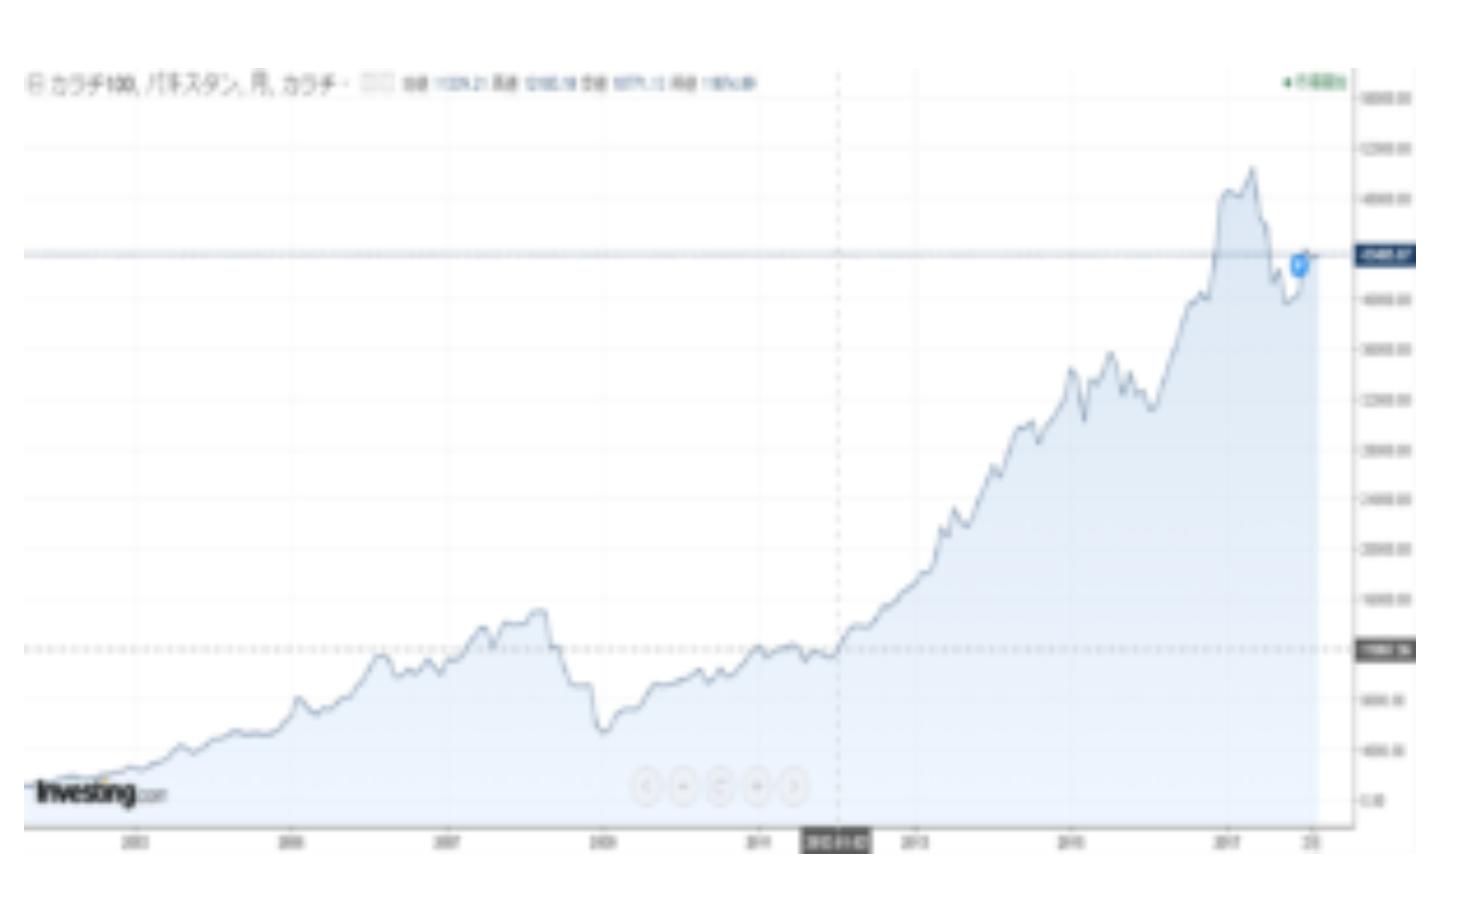 パキスタン株式市場